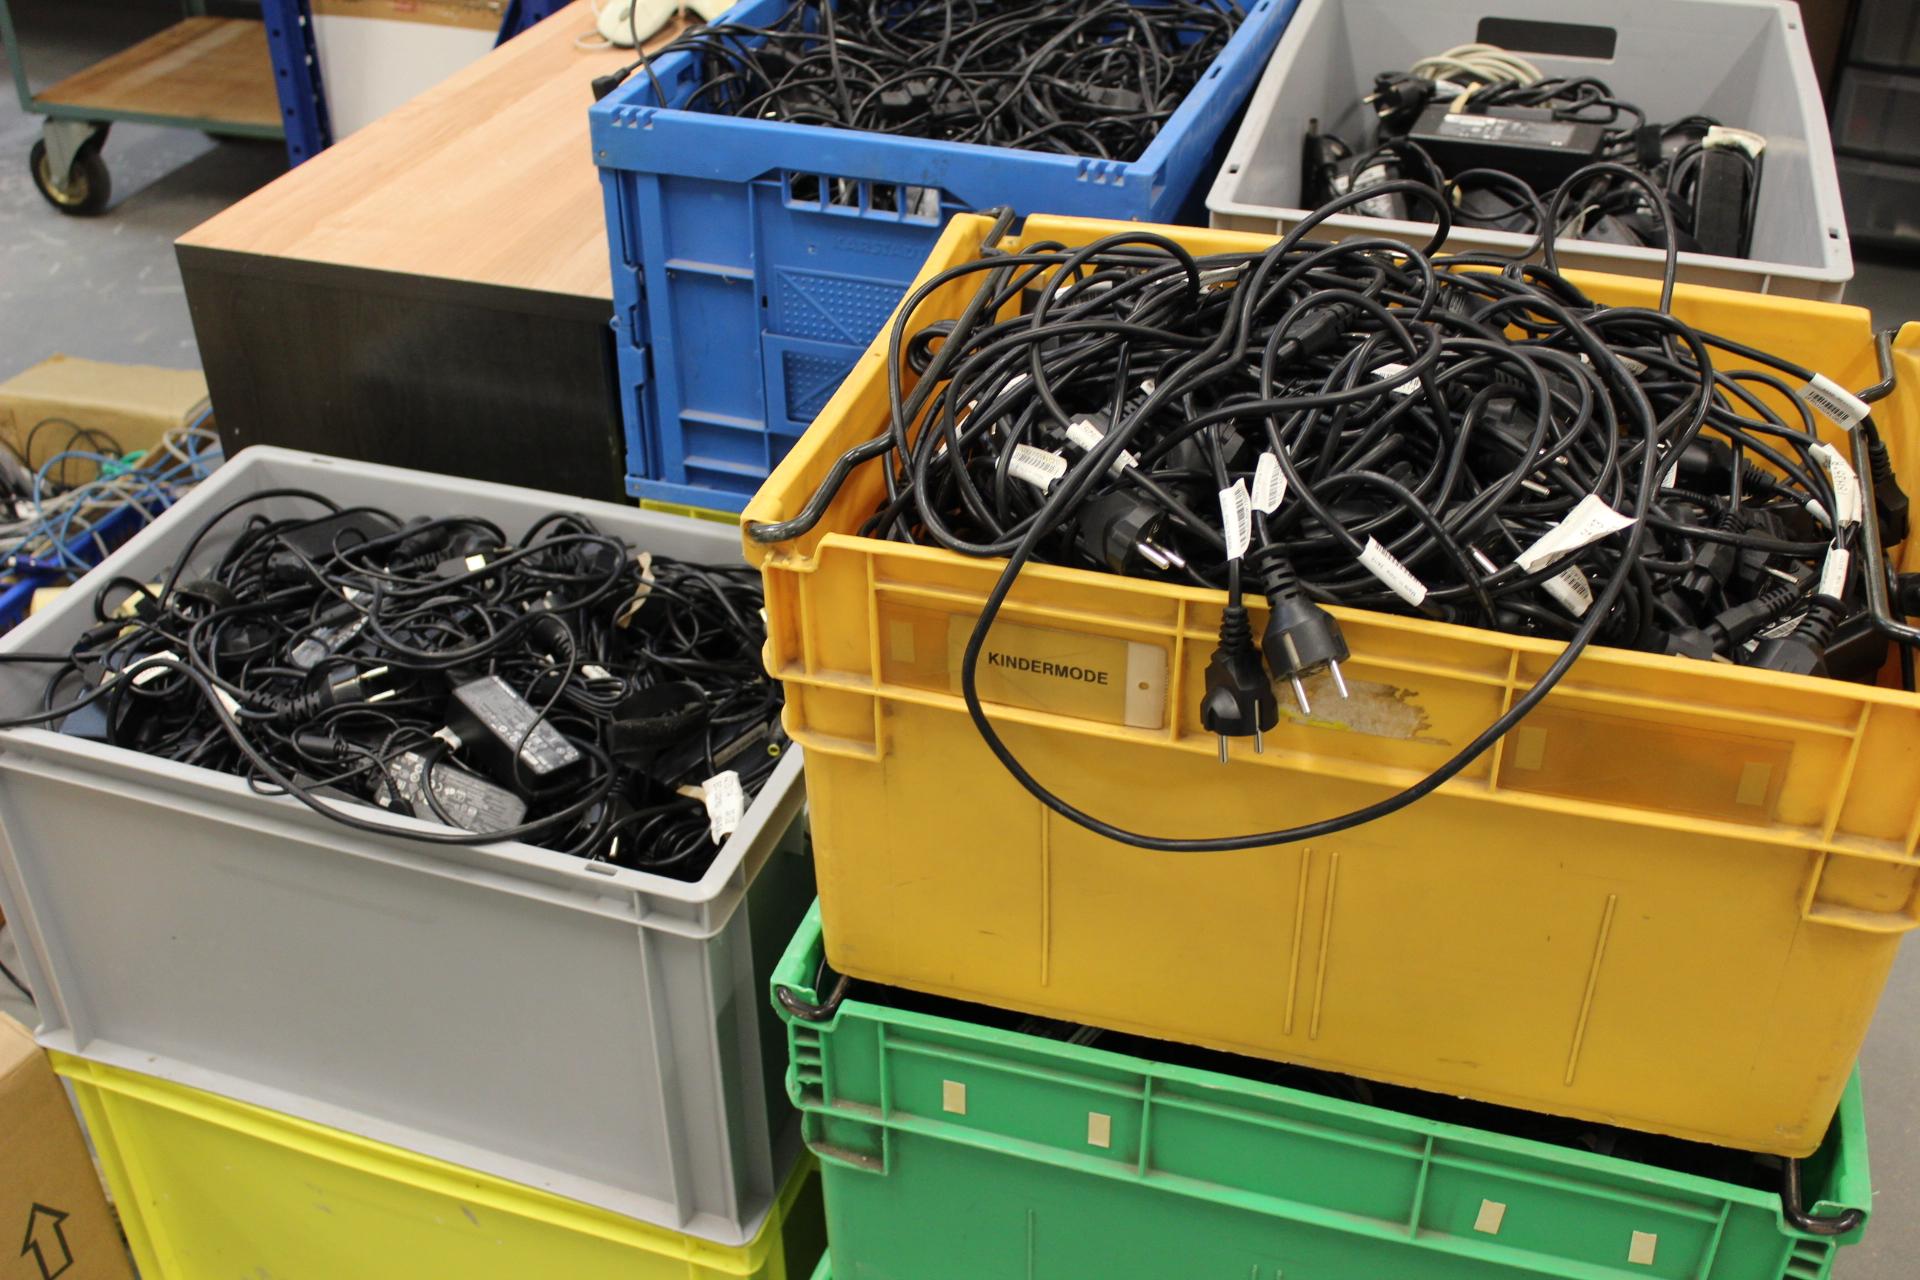 Netzteile in Boxen